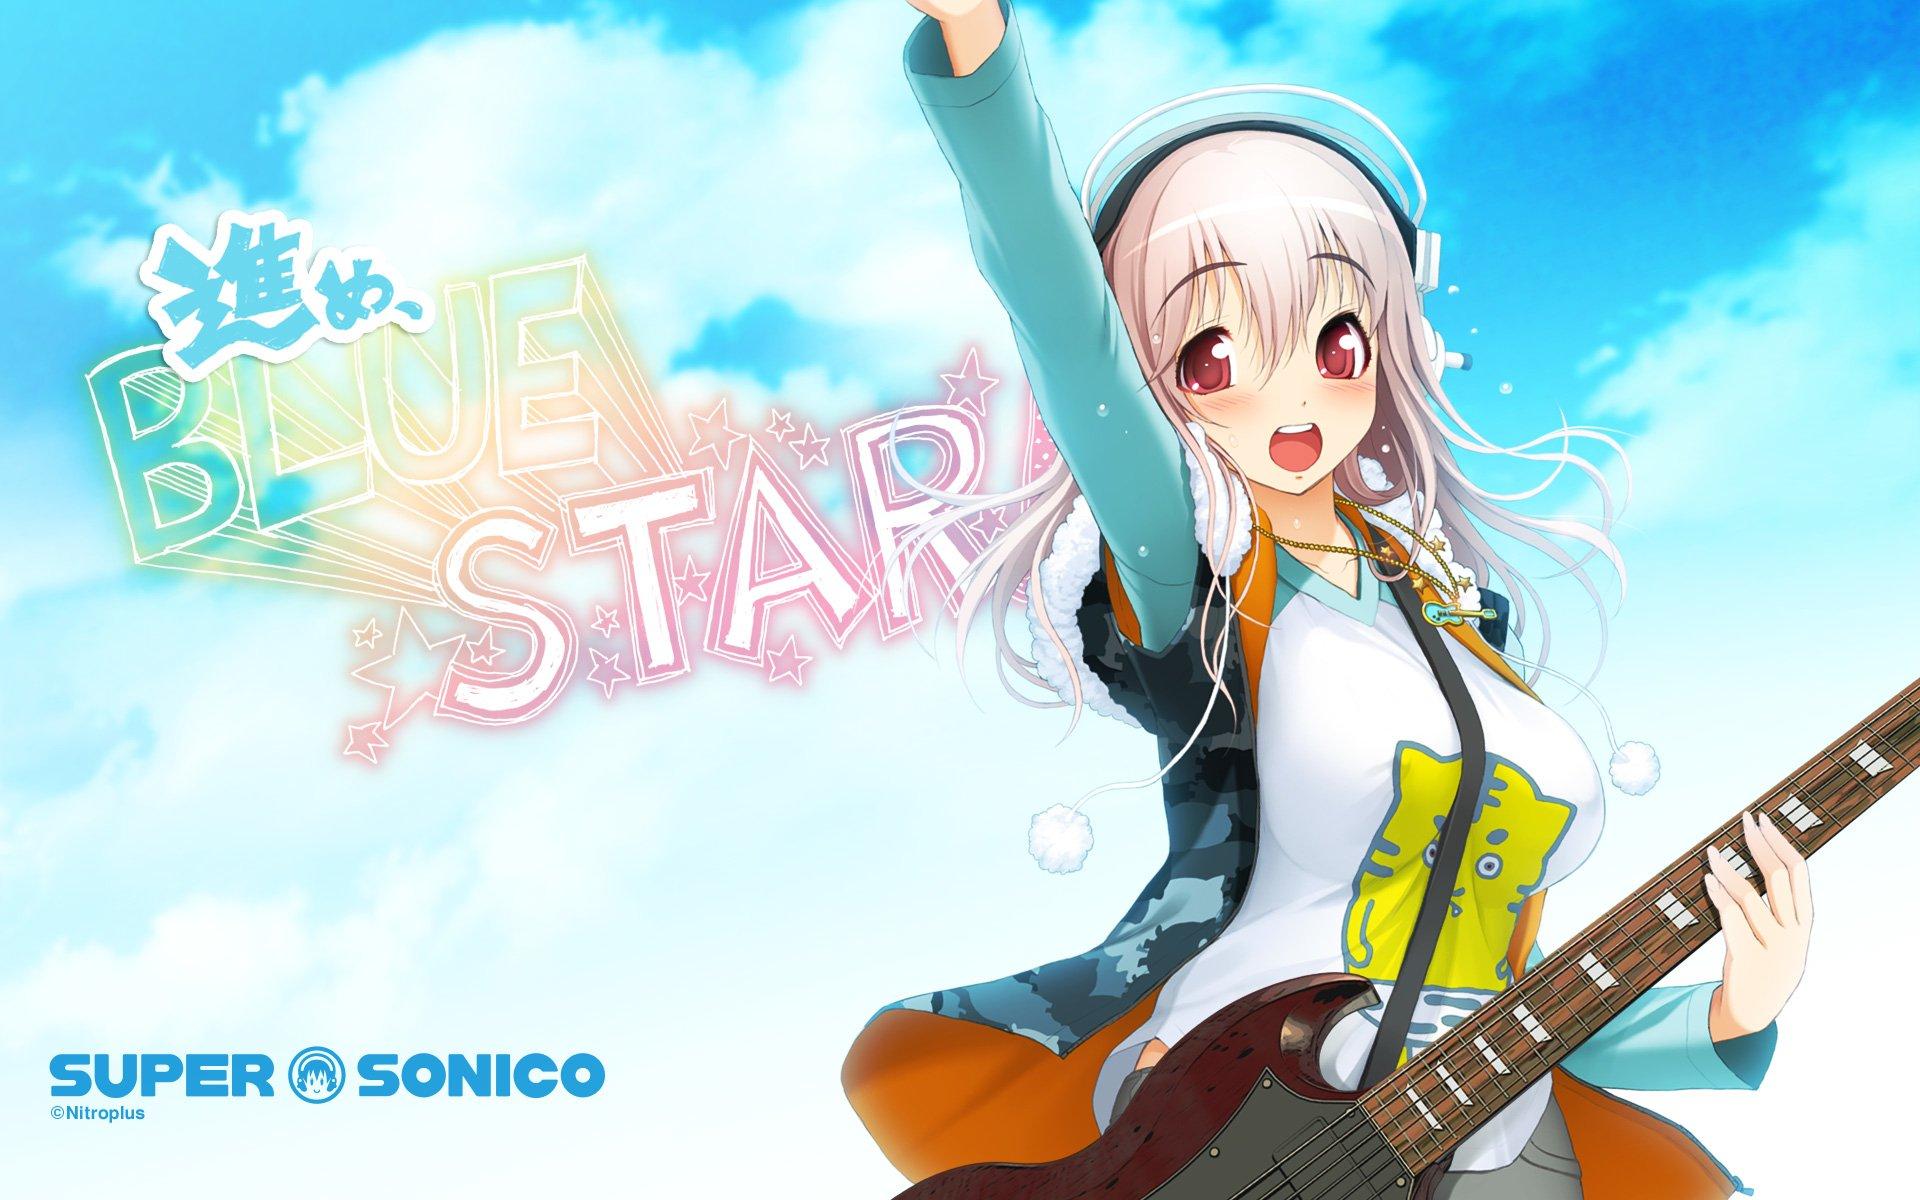 Anime - Super Sonico  Wallpaper